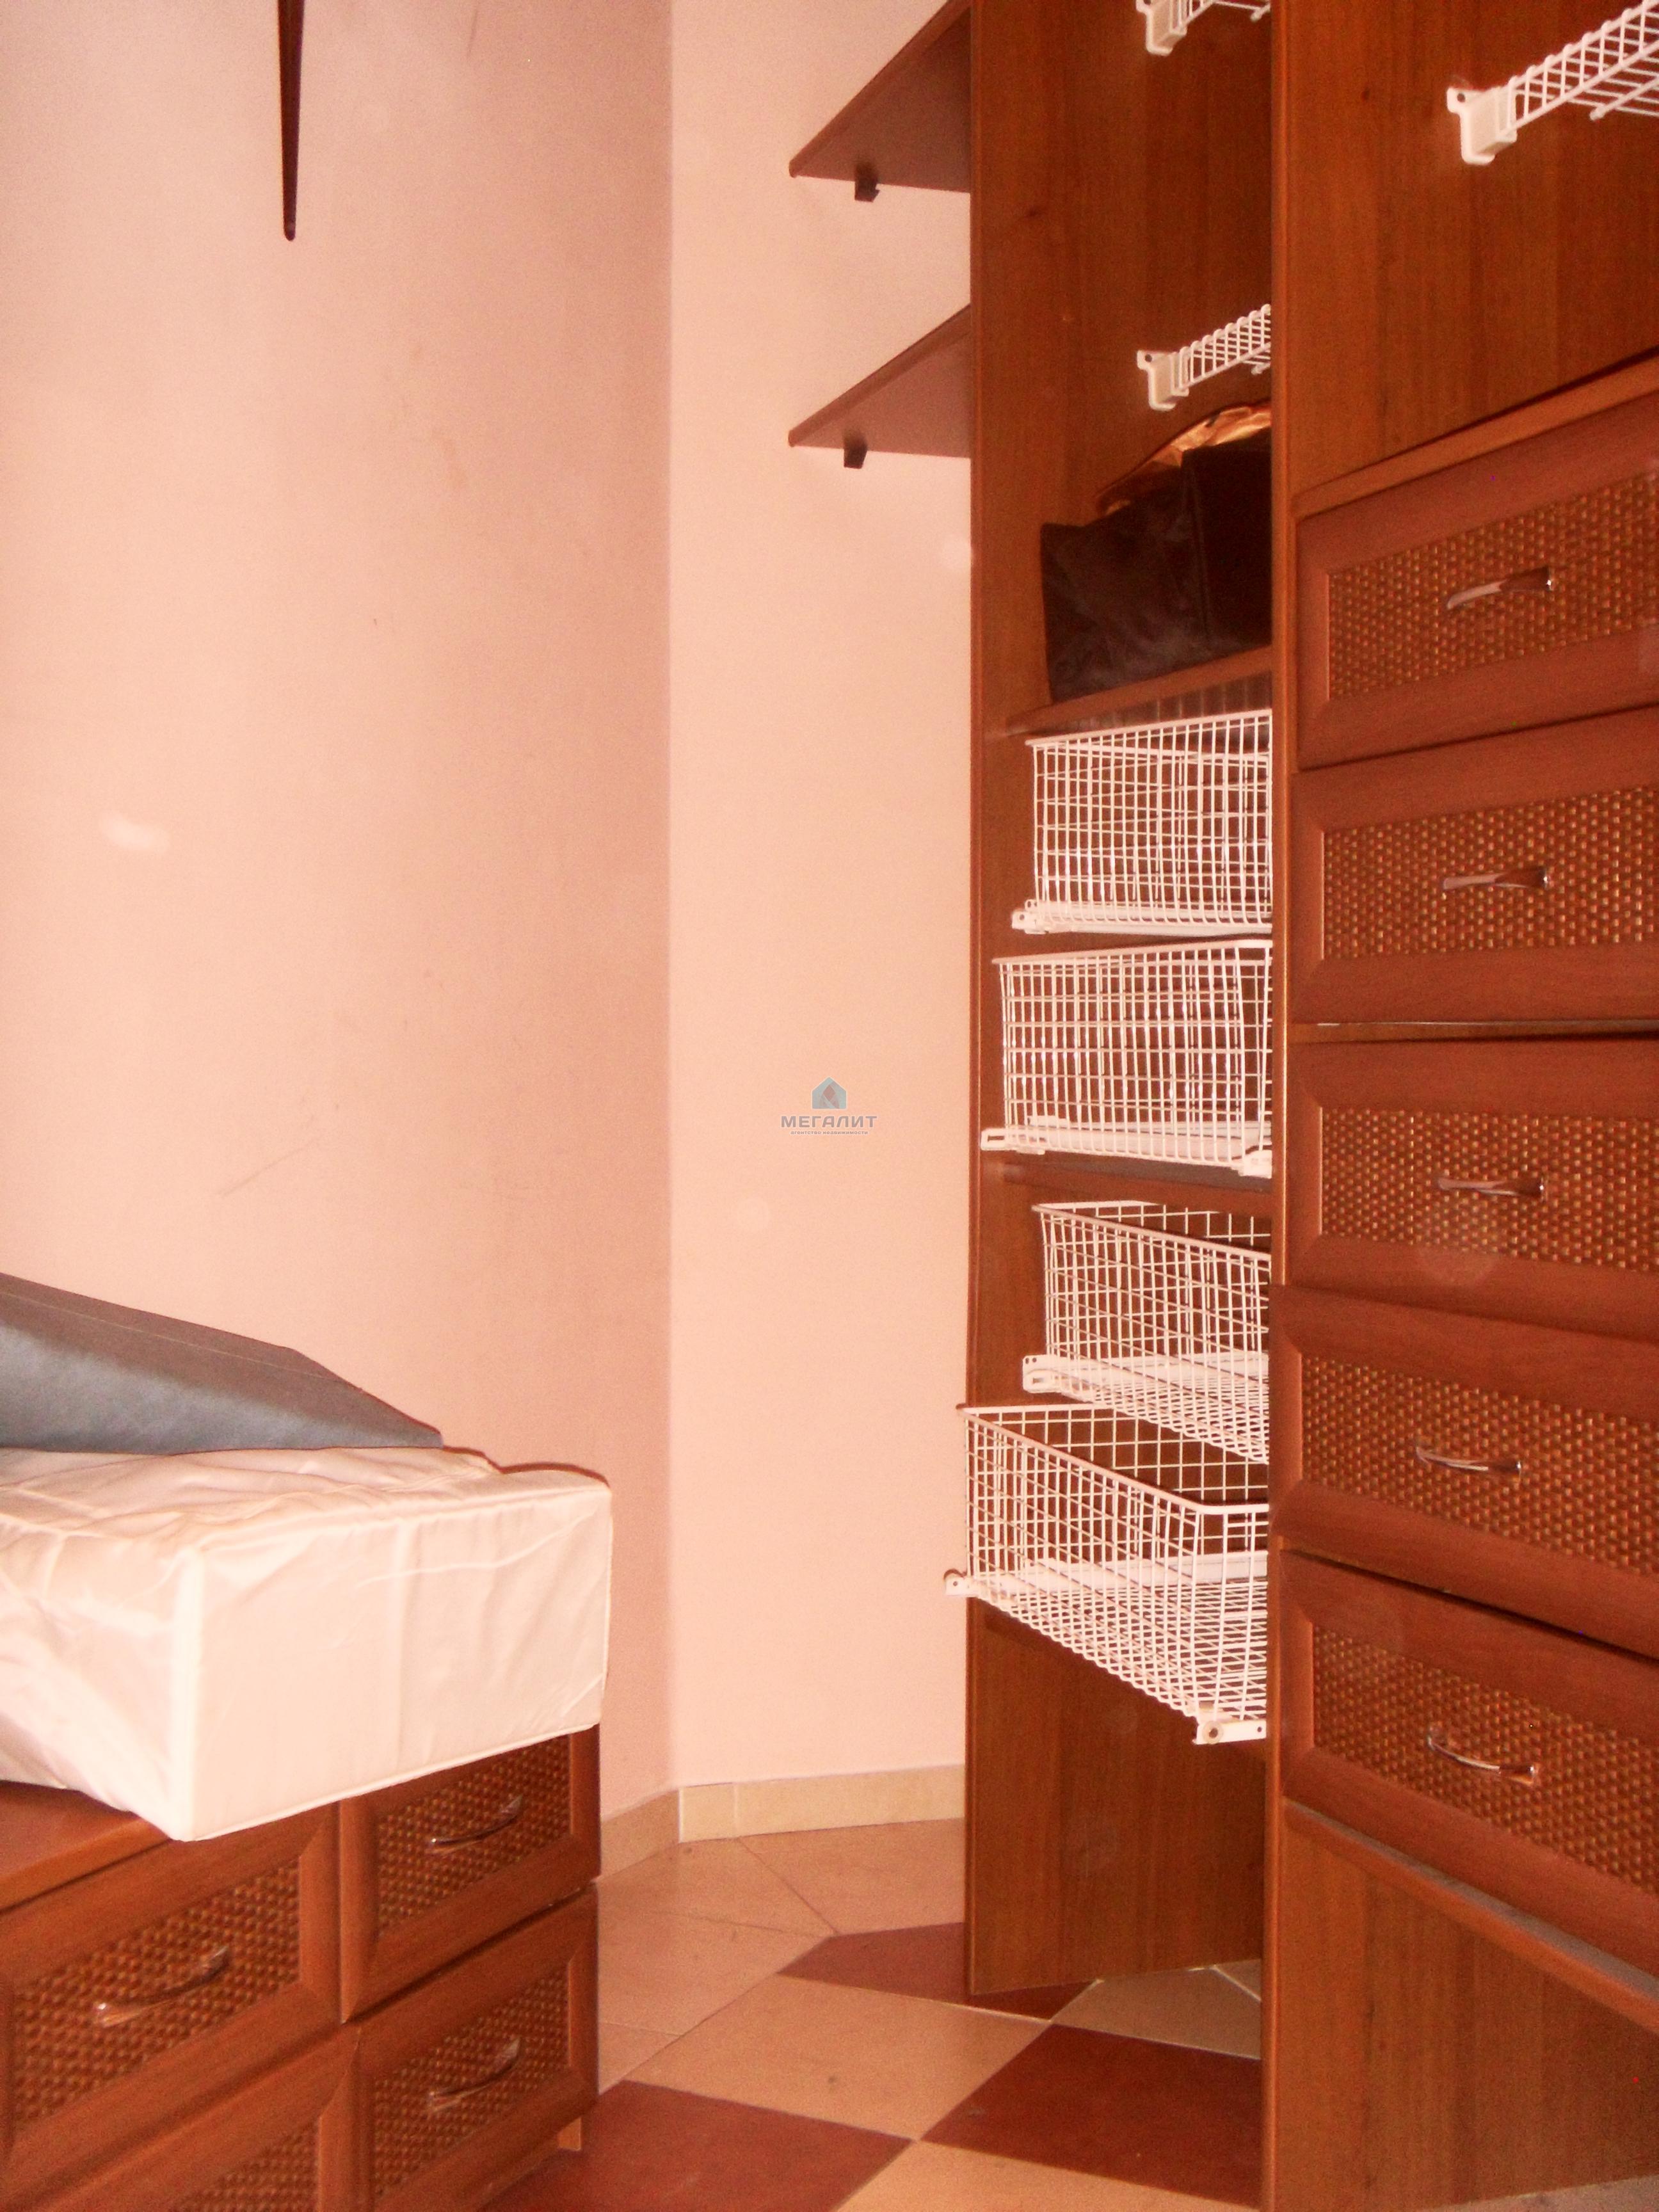 Аренда 3-к квартиры Тельмана 23, 193 м2  (миниатюра №10)